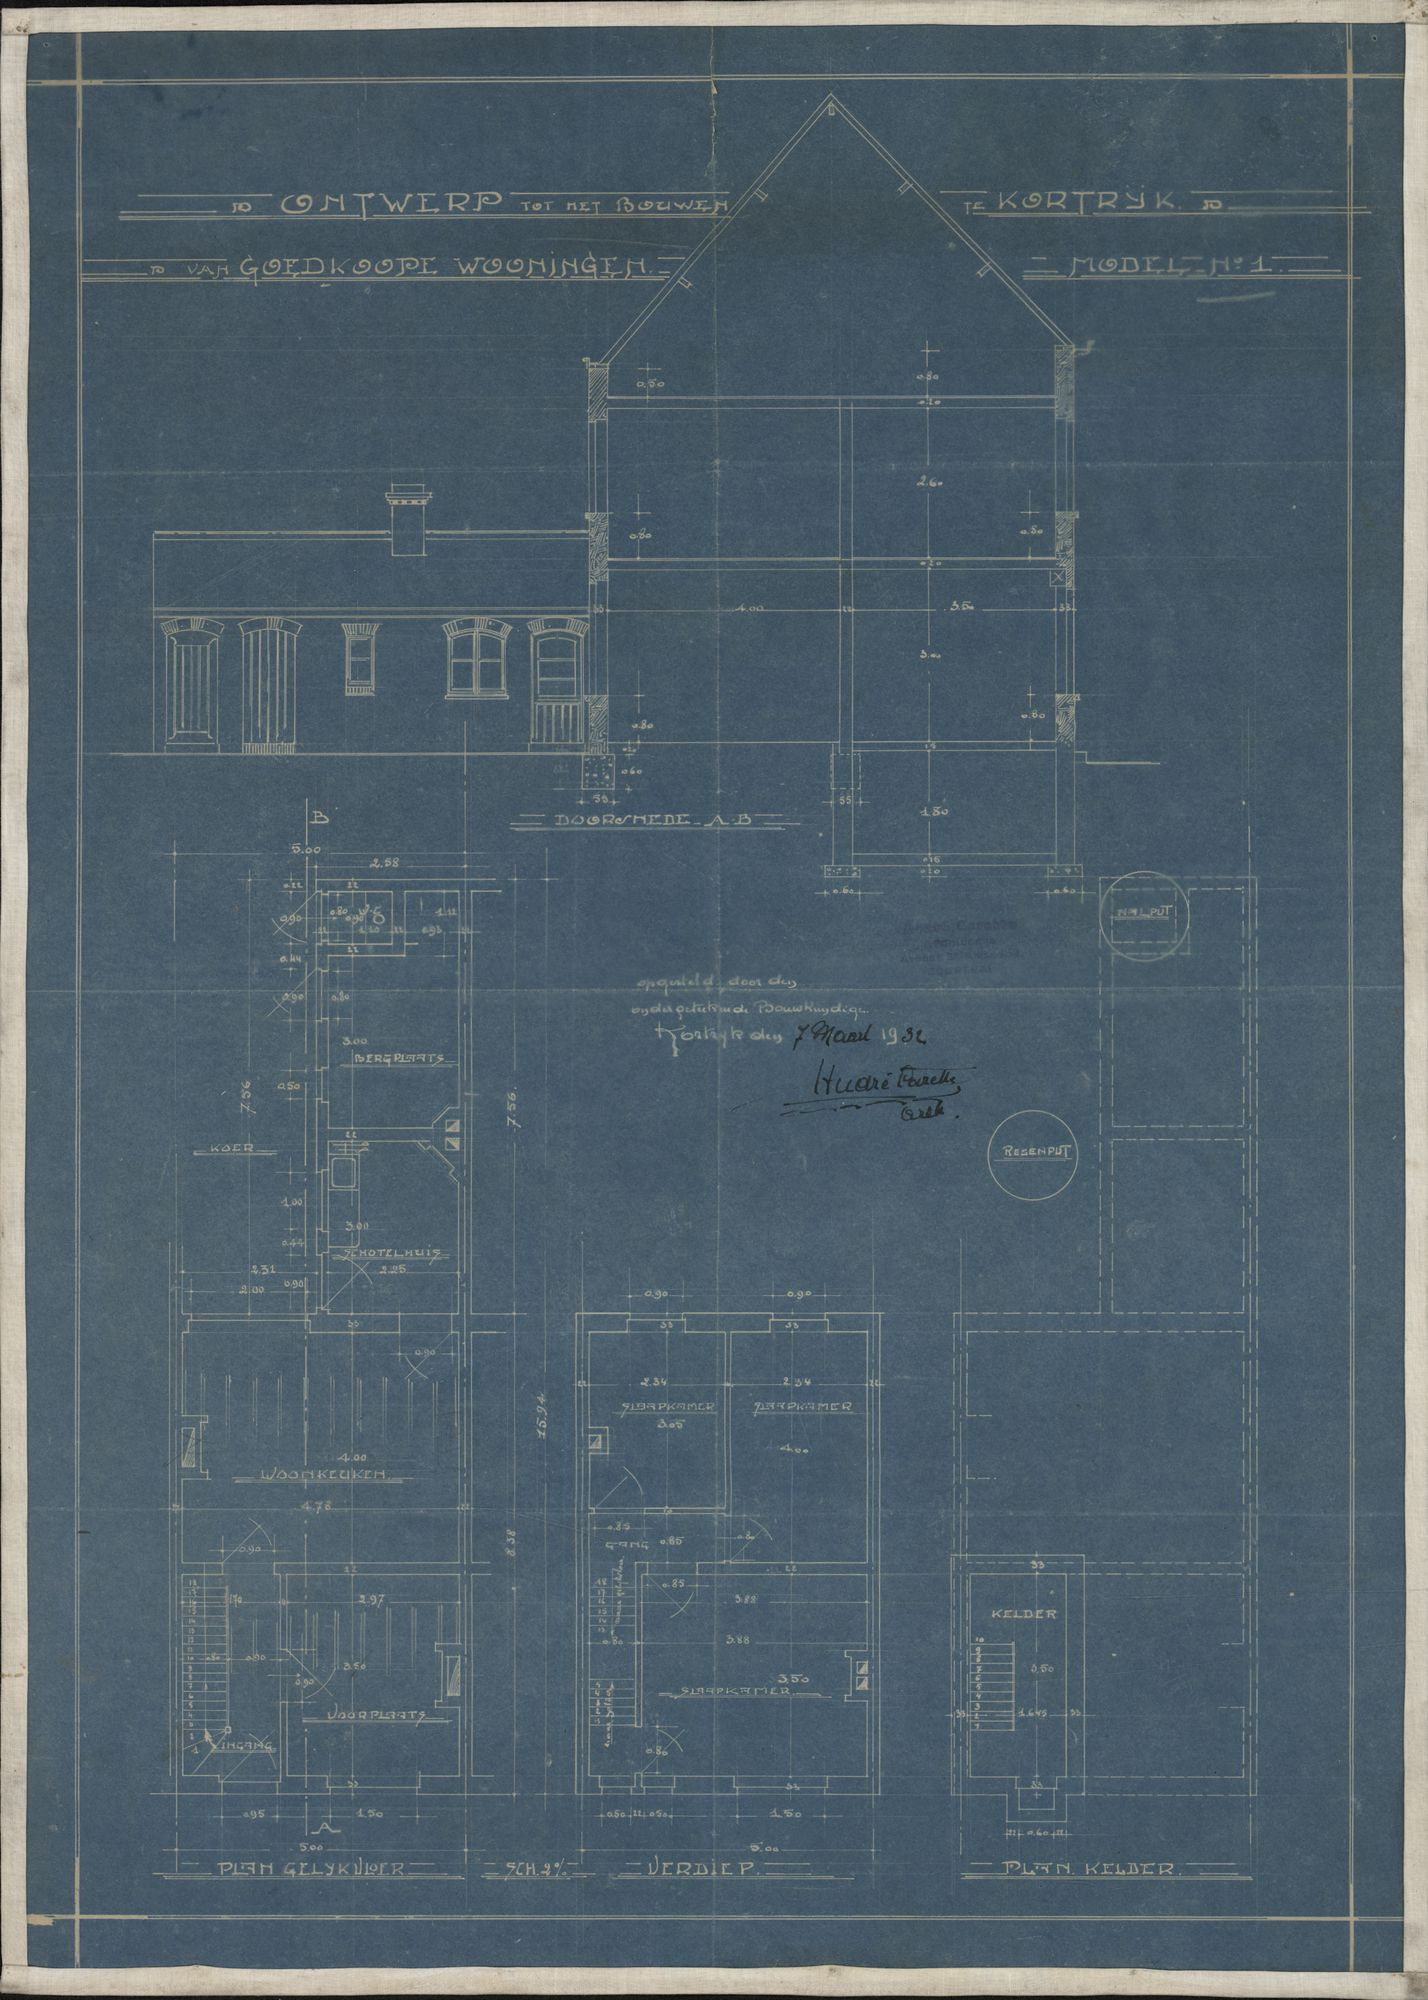 Bouwplan met ontwerp van goedkope woningen te Kortrijk, 1932